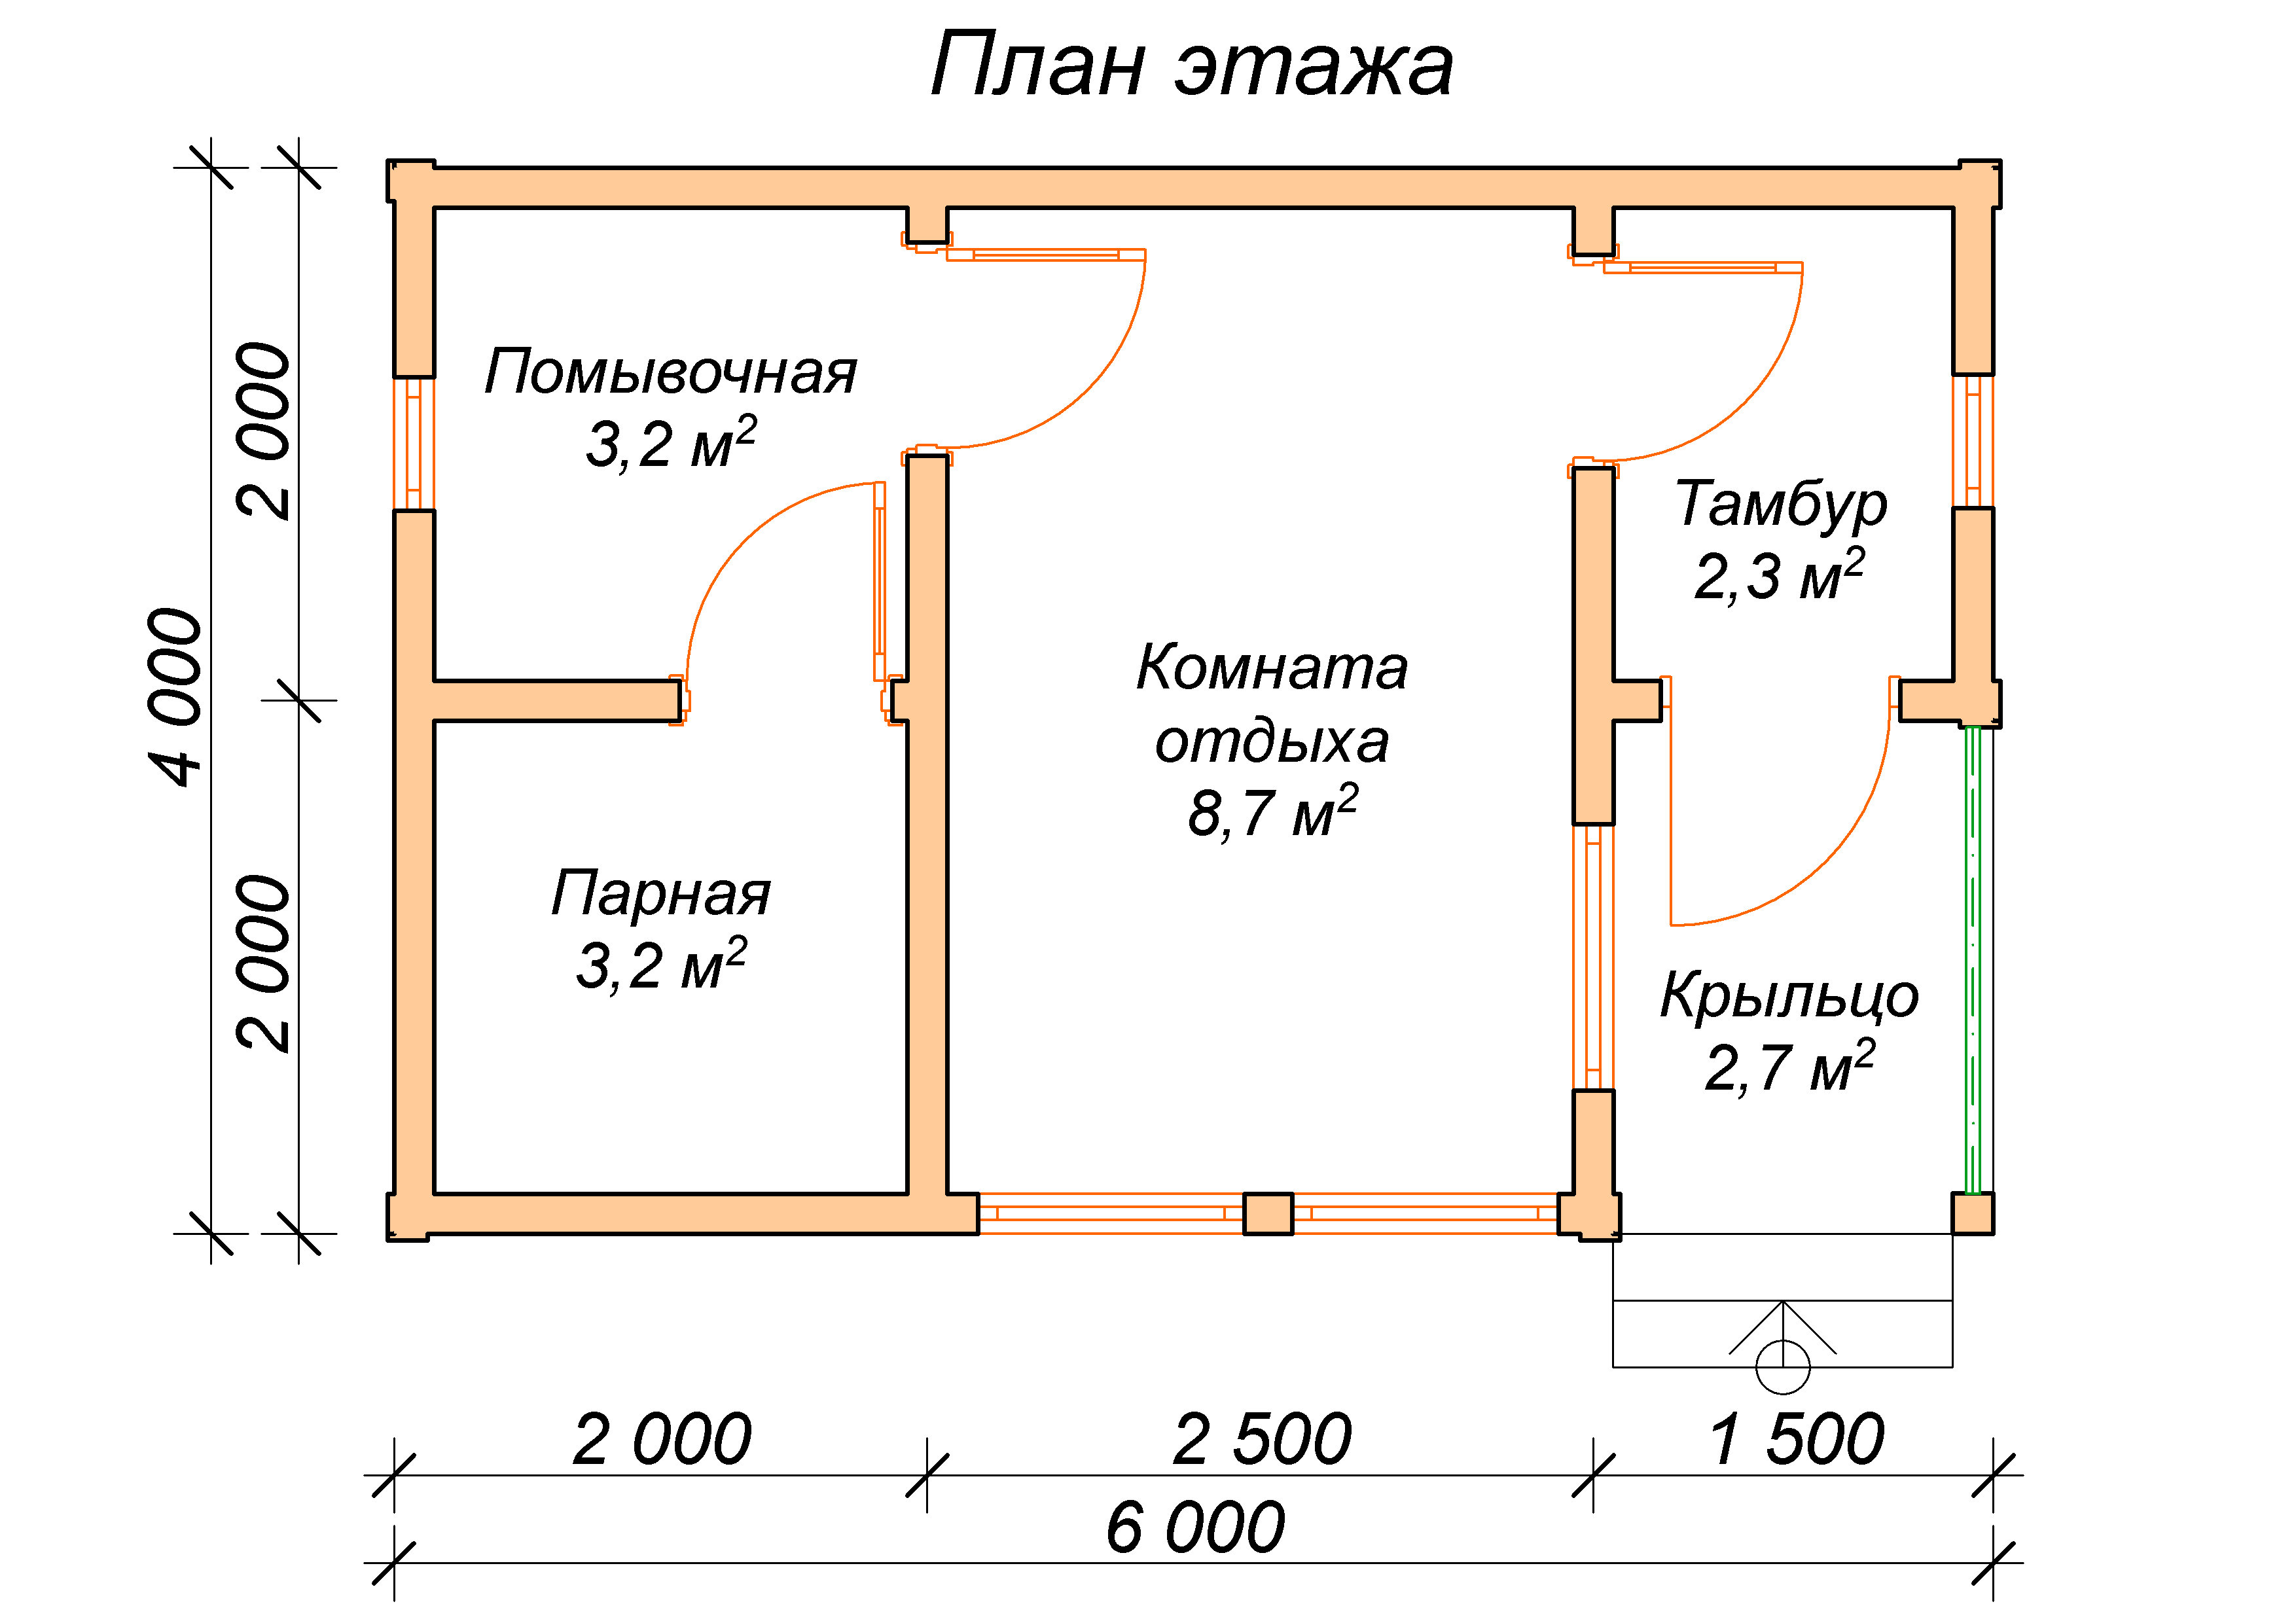 Баня 6х4 с террасой - проект и пошаговая инструкция!